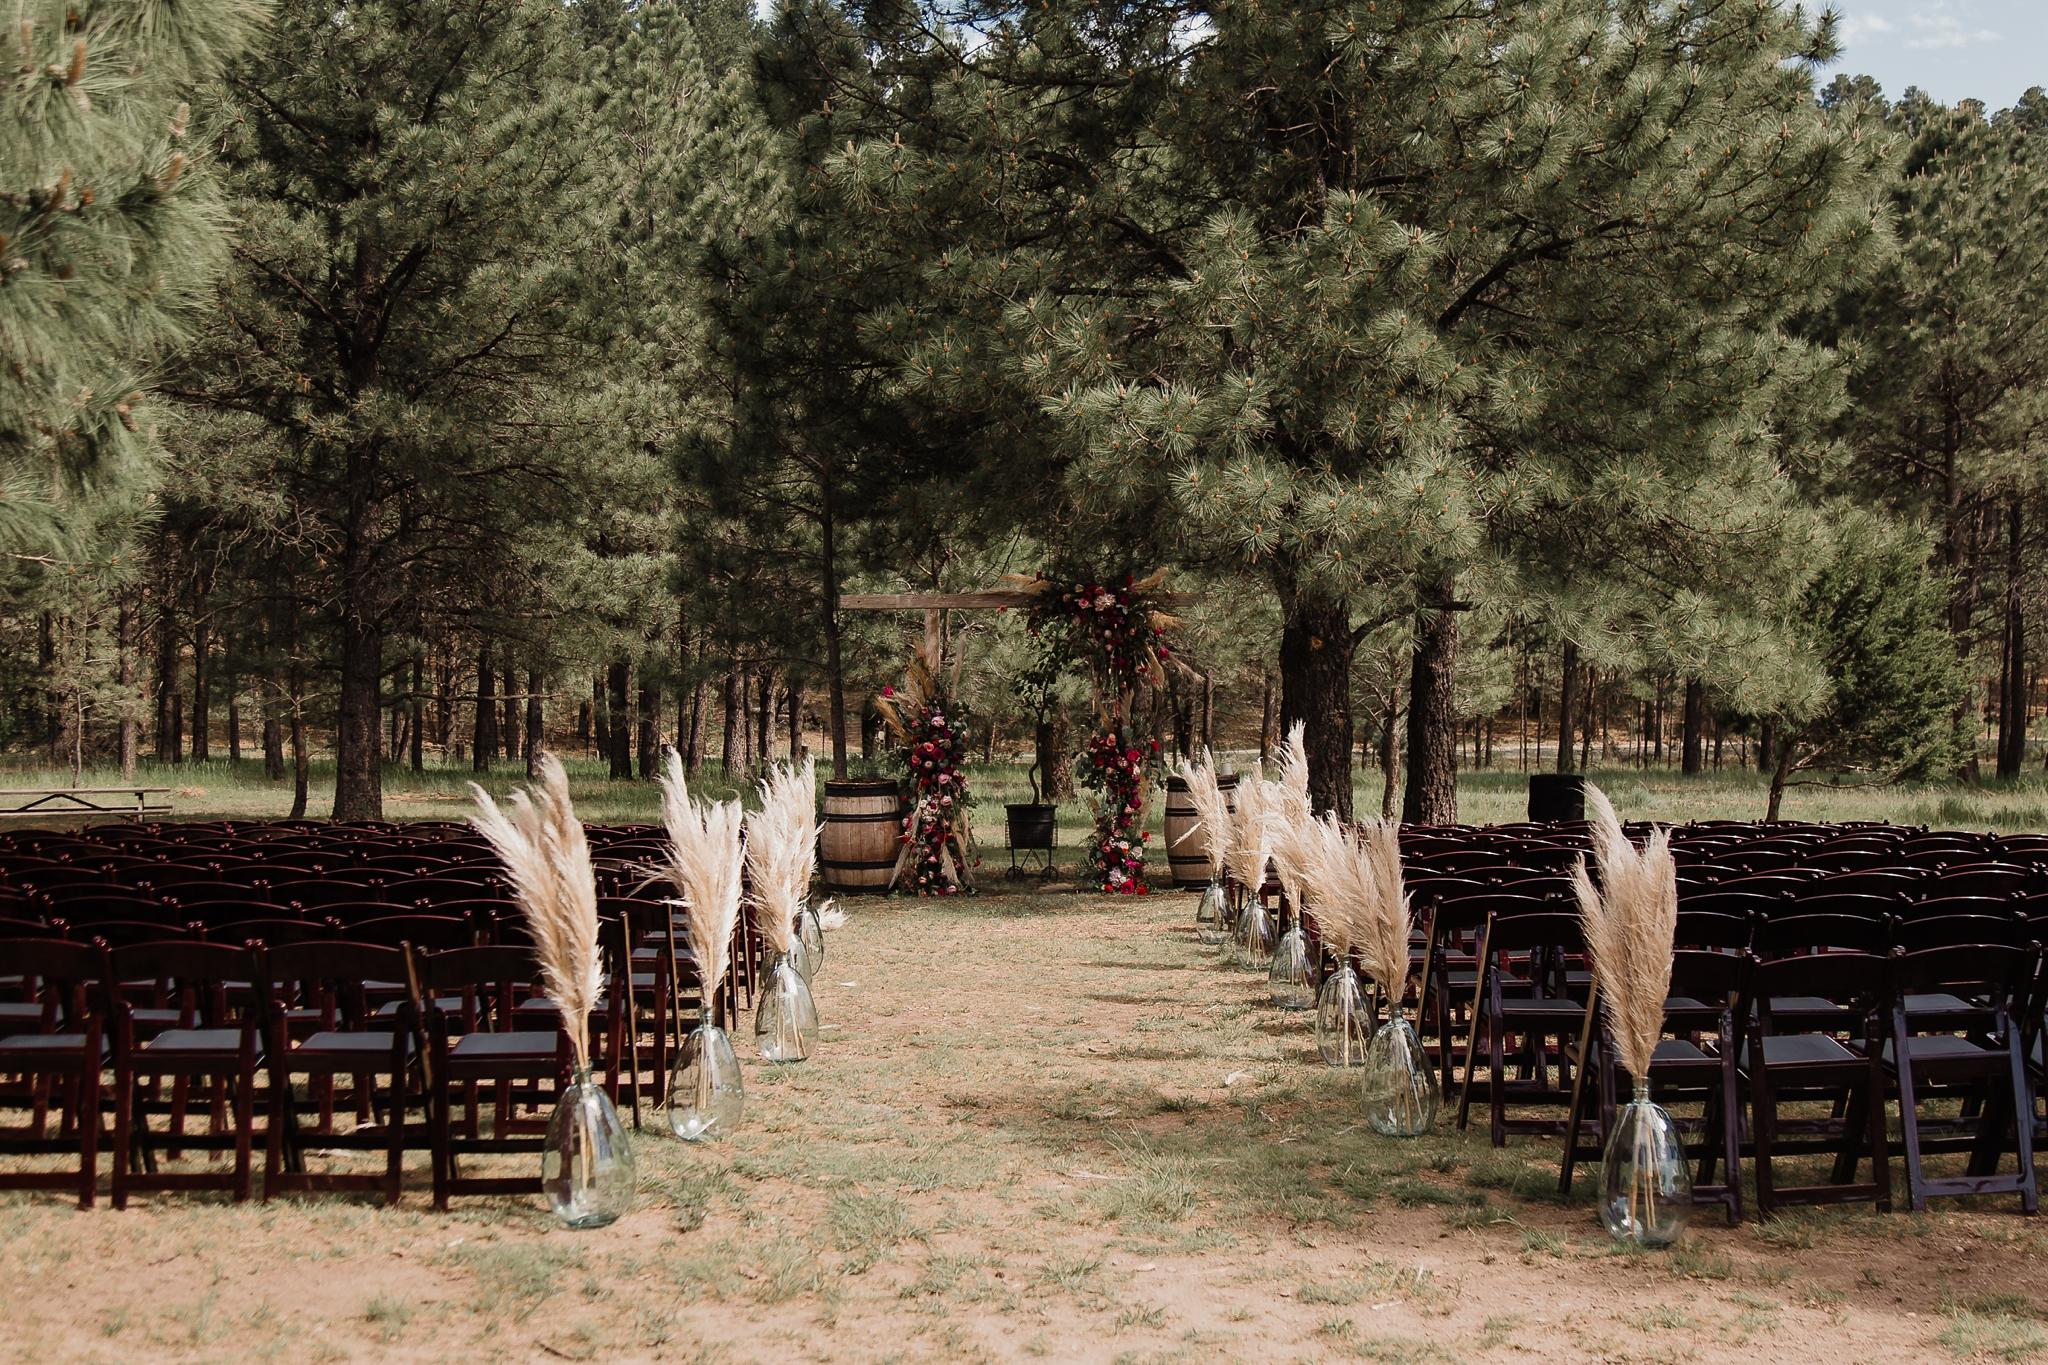 Alicia+lucia+photography+-+albuquerque+wedding+photographer+-+santa+fe+wedding+photography+-+new+mexico+wedding+photographer+-+new+mexico+wedding+-+new+mexico+wedding+-+barn+wedding+-+enchanted+vine+barn+wedding+-+ruidoso+wedding_0029.jpg